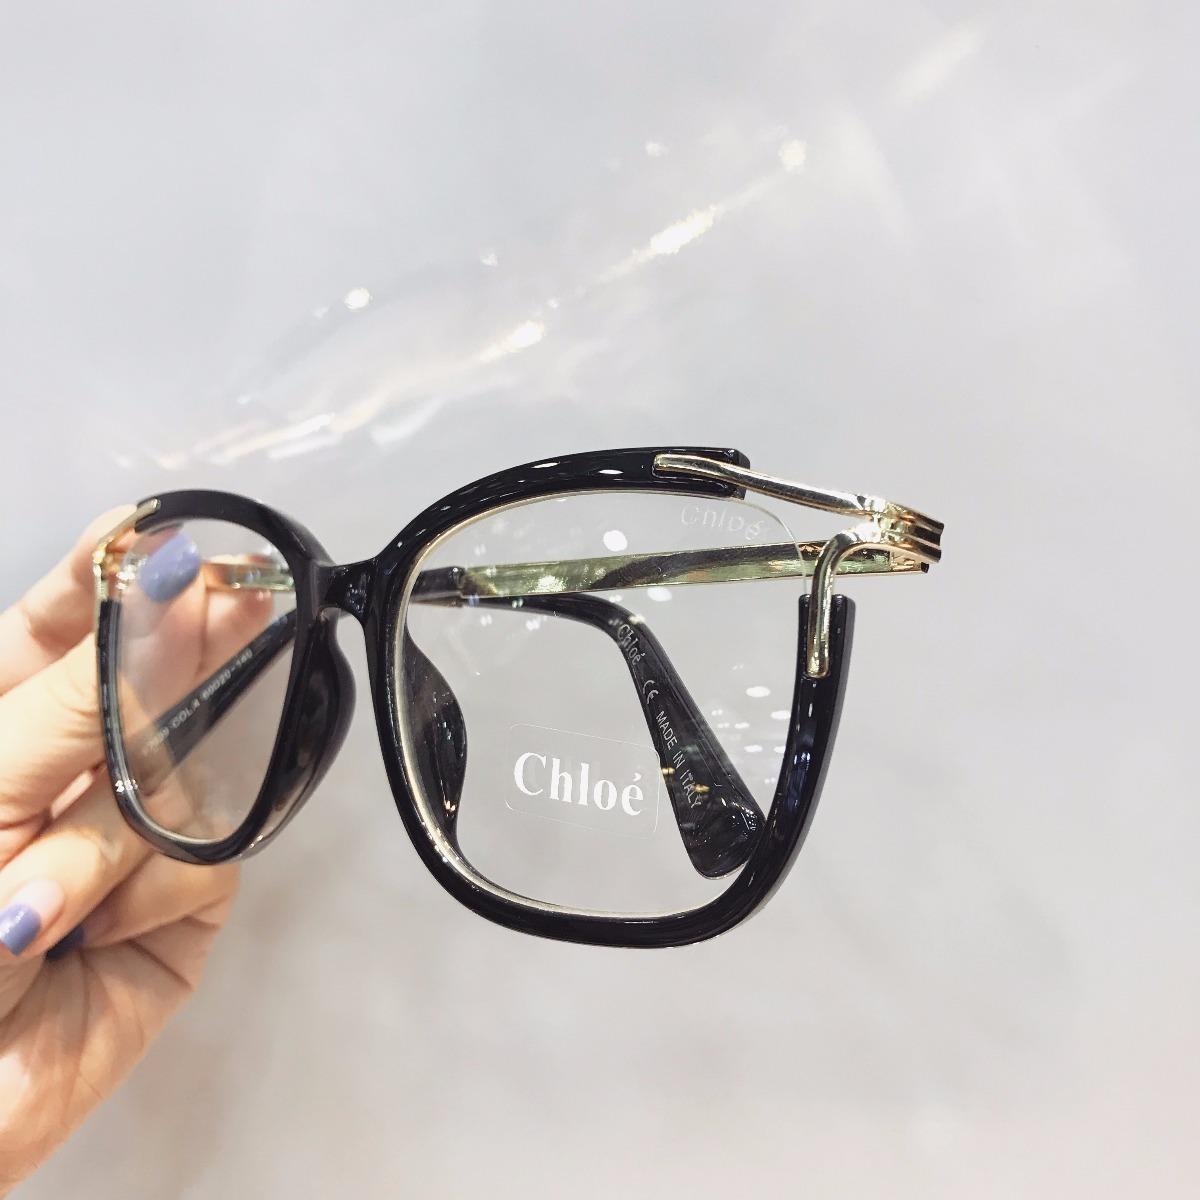 38afec7f91bdd armacao oculos chloe feminino importado tartaruga-promoção. Carregando zoom.